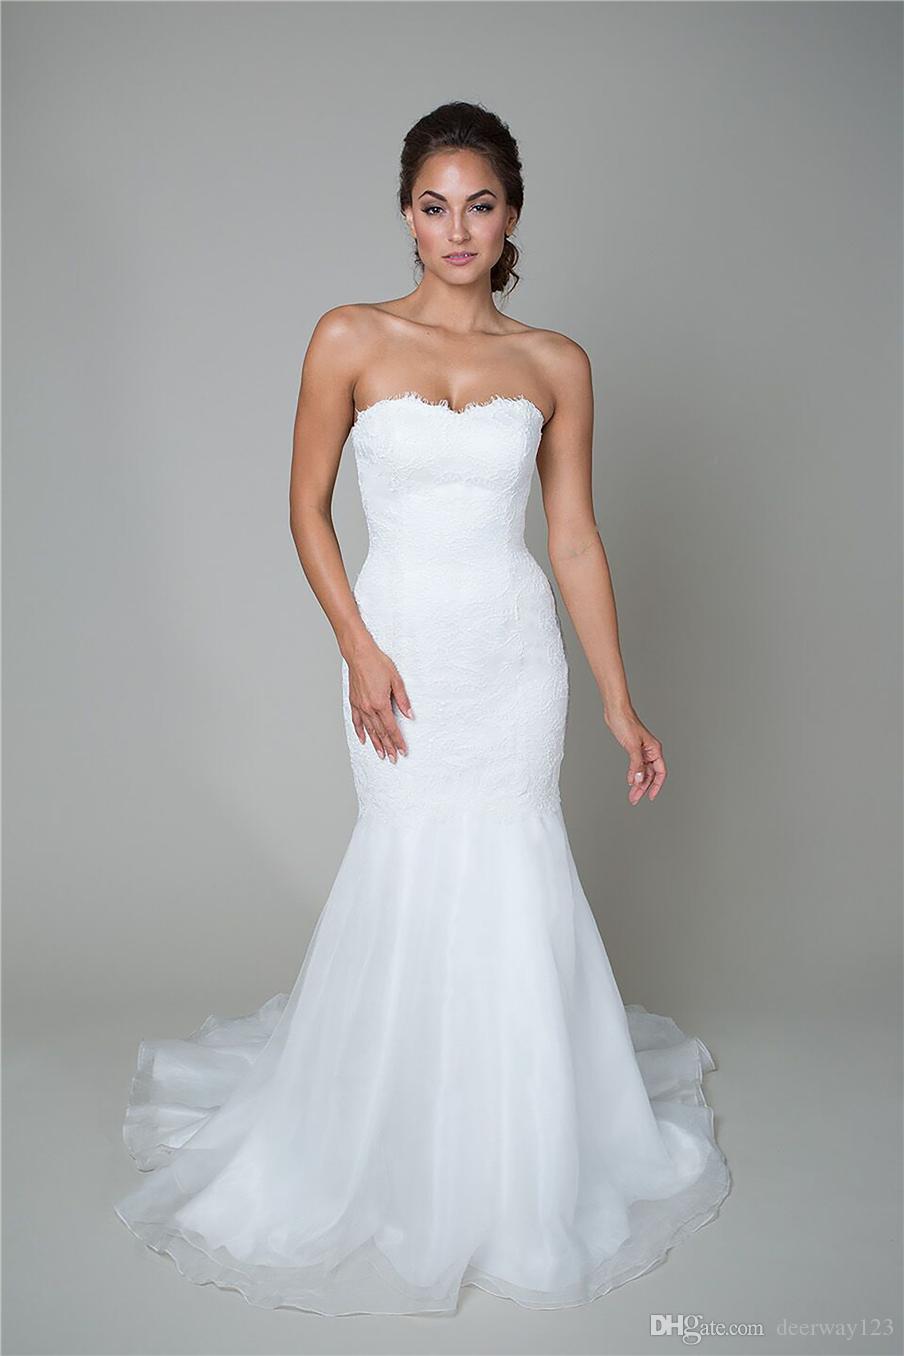 Abito da sposa stile tromba con vita dritta, scollo a cuore, gonna in organza fluente e abito da sposa in pizzo con cordoncino